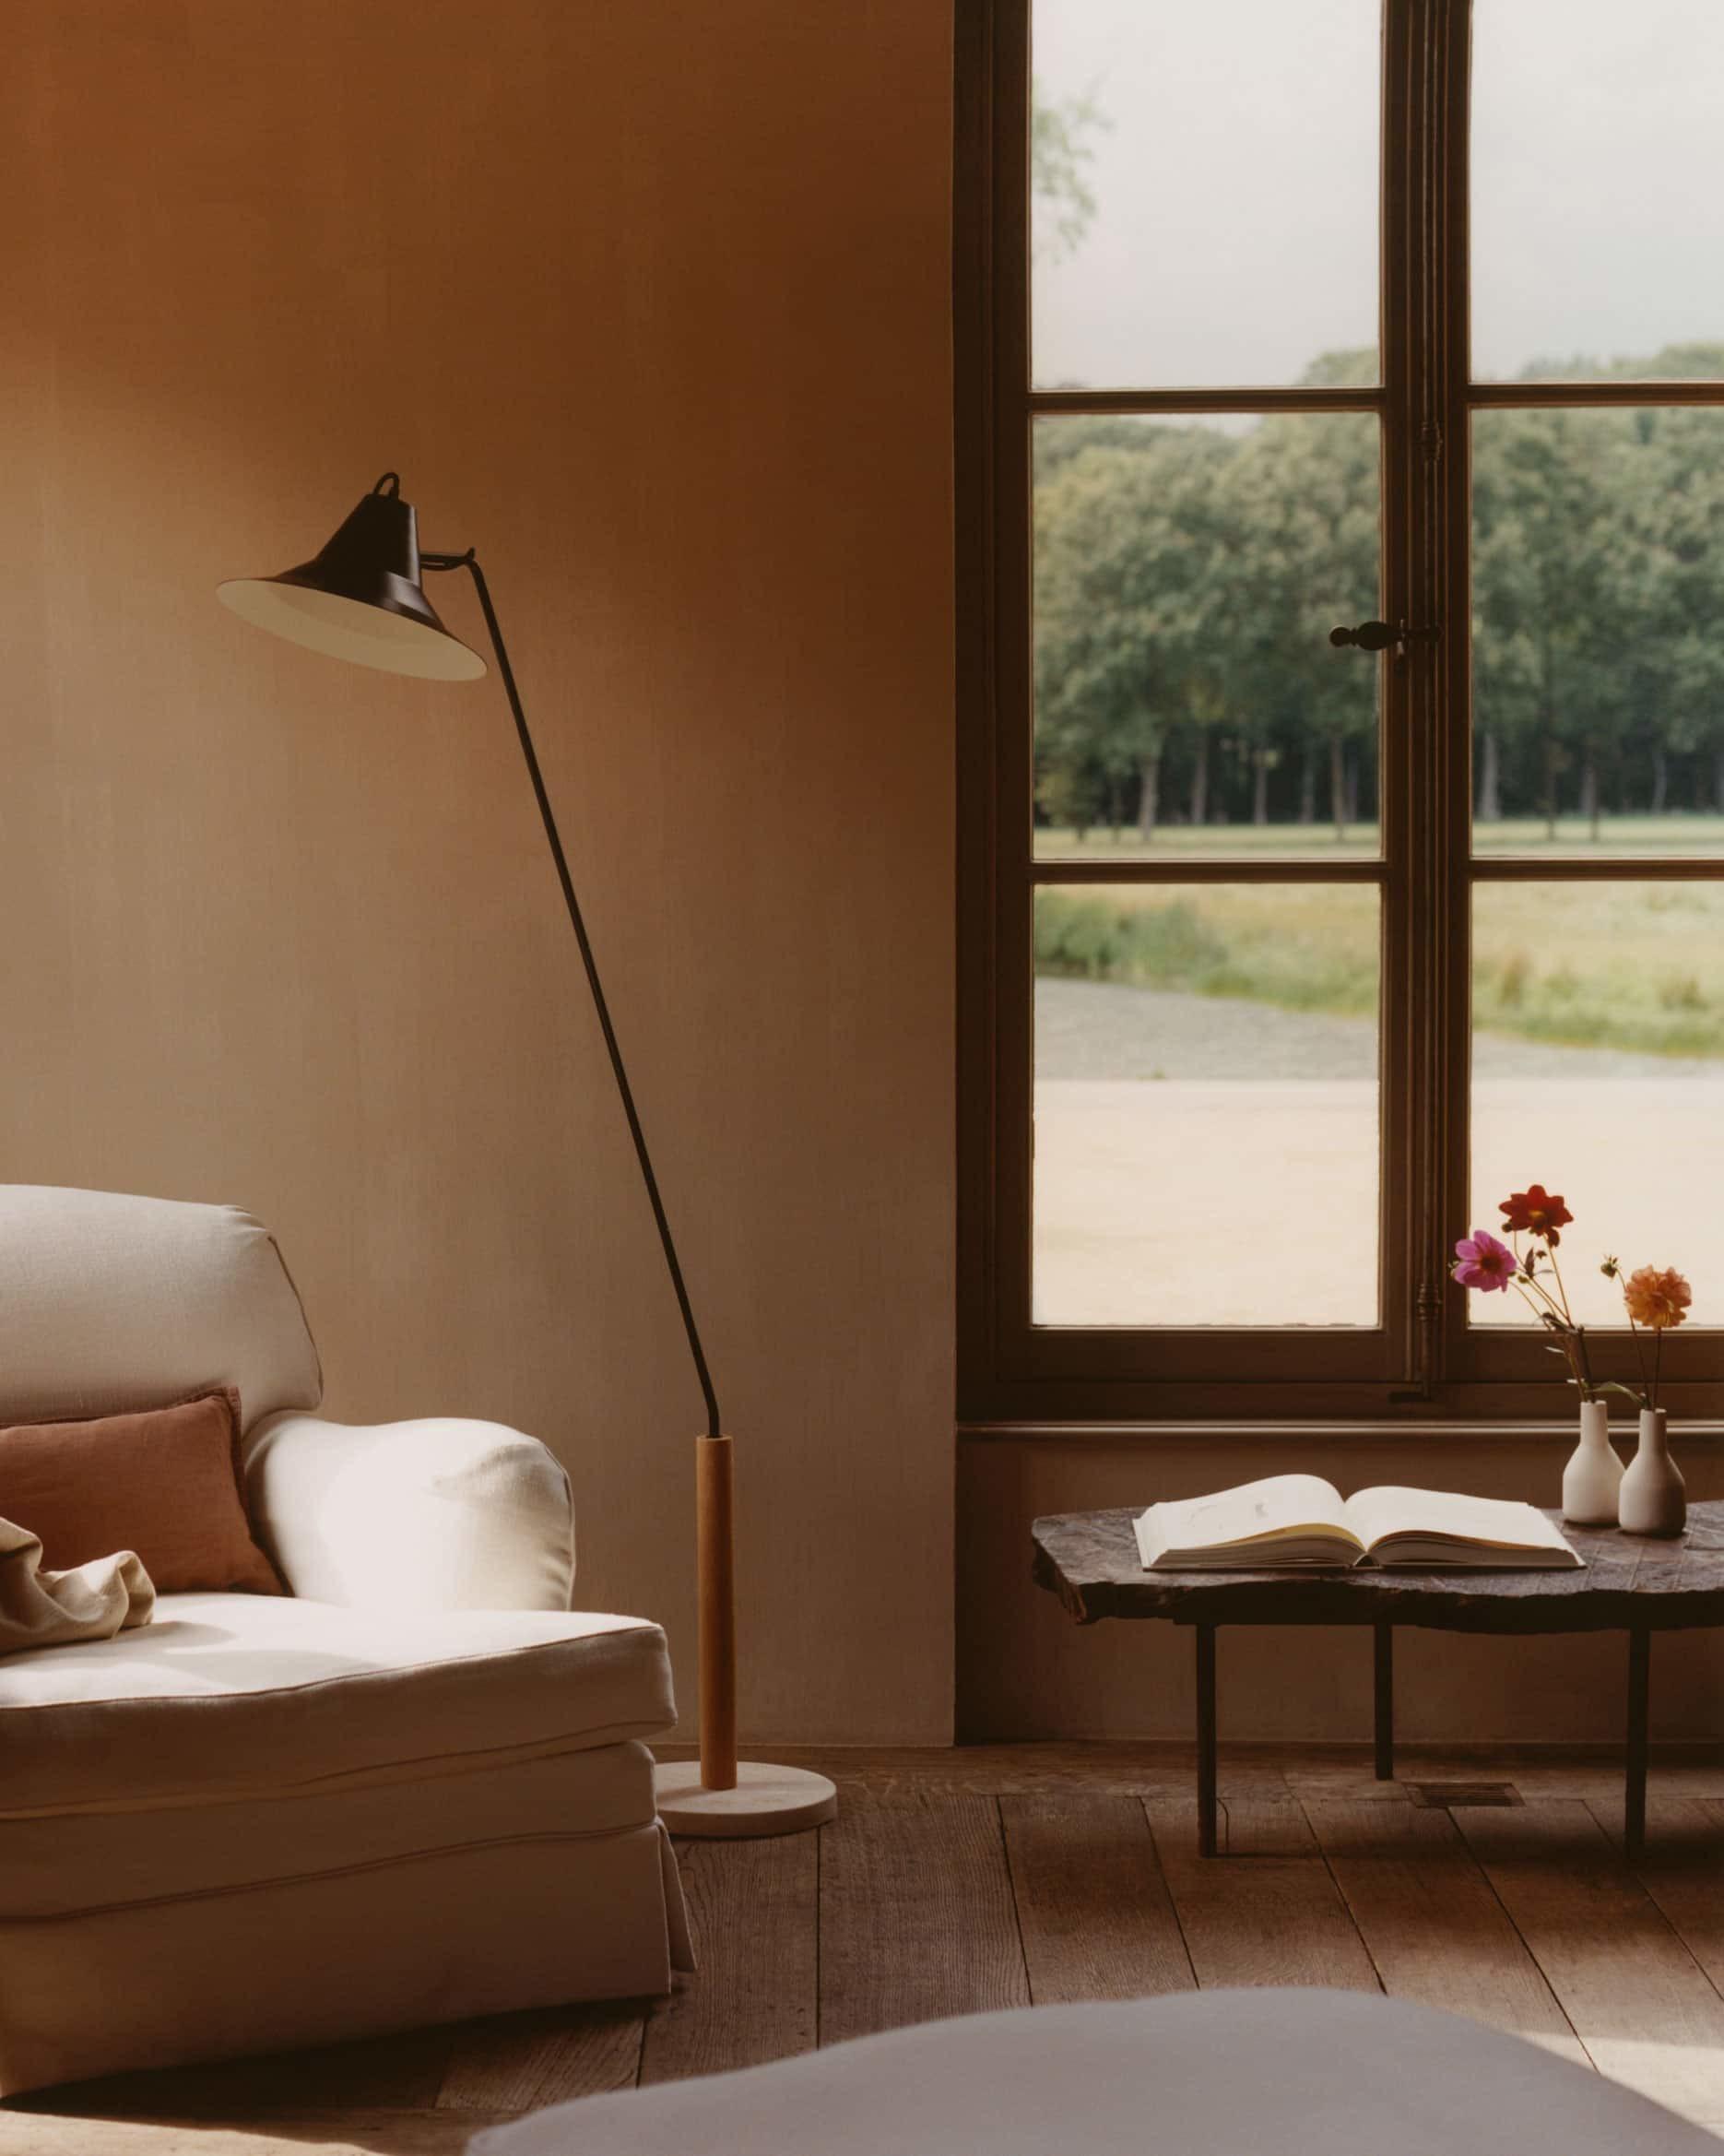 Fíjate en esta mesa con forma de tronco. La intención es clara: intriducir la naturaleza en casa, también a través de sus formas. La presencia de la lampara flexo de estilo más industrial potencia aún más las formas orgánicas de la mesa.